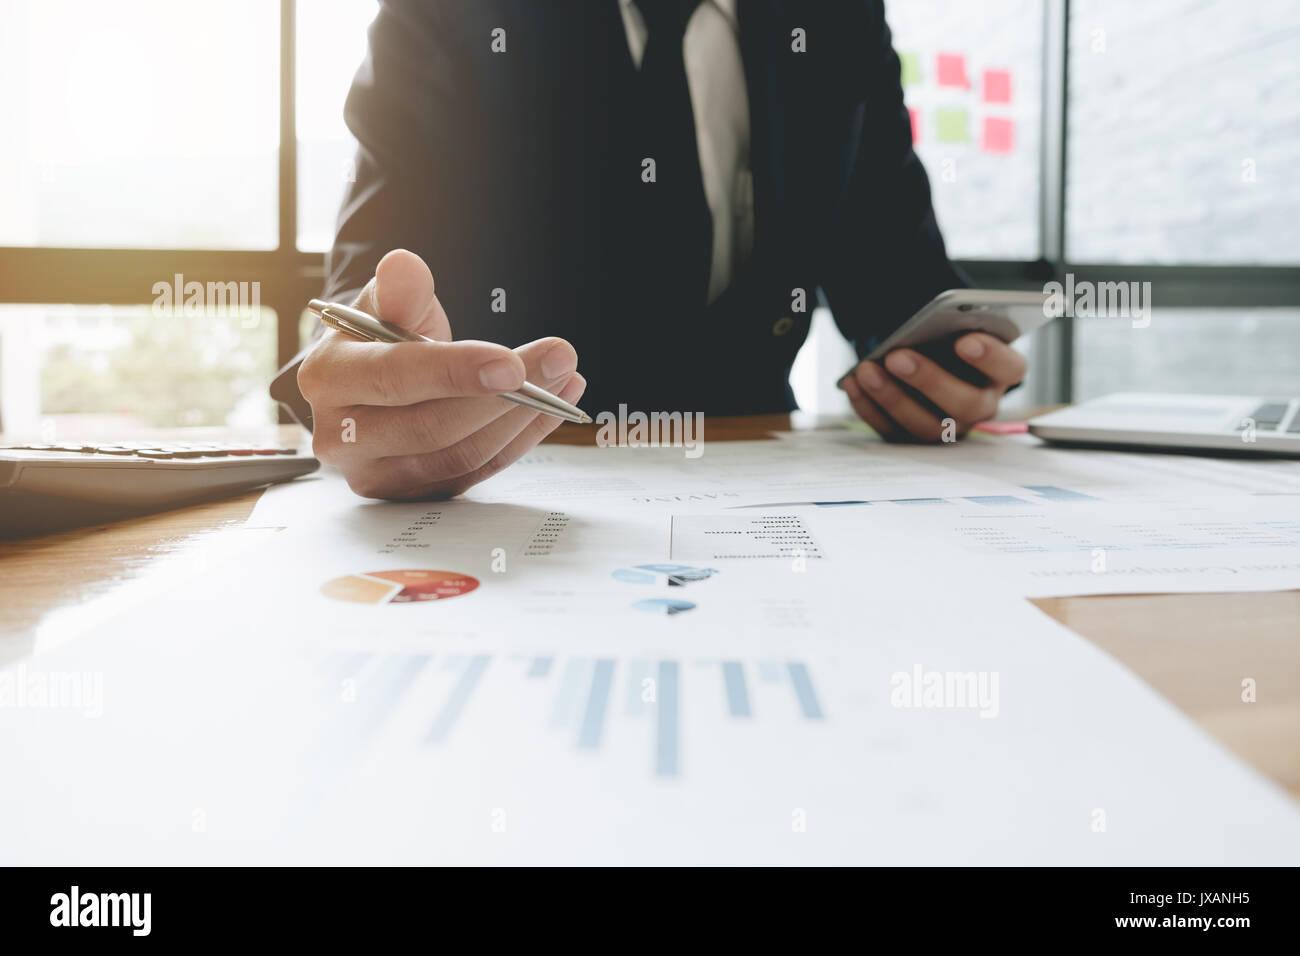 L'homme d'affaires conseiller en investissement l'analyse financière annuelle de l'entreprise Bilan État travail avec des documents graphiques. Photo de concept Photo Stock